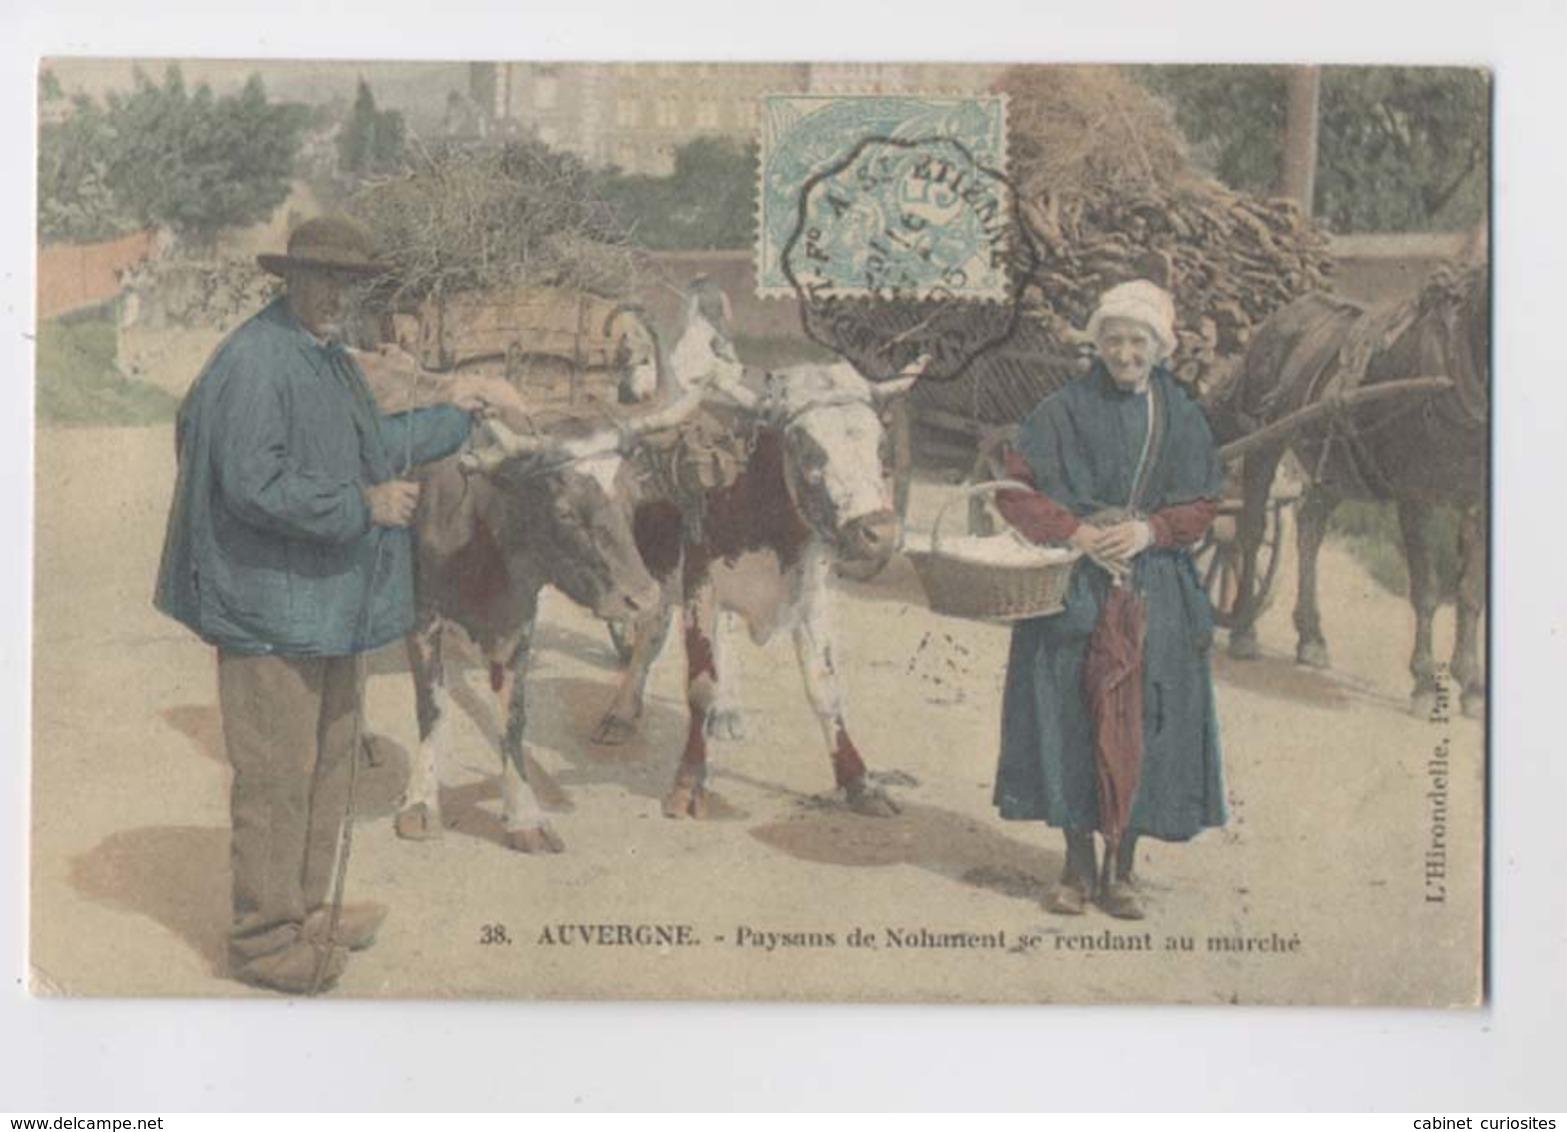 NOHANENT (63 - Puy De Dôme) - 1905 - Paysans Se Rendant Au Marché - Attelage De Boeufs - Colorisée - Animée - Attelages